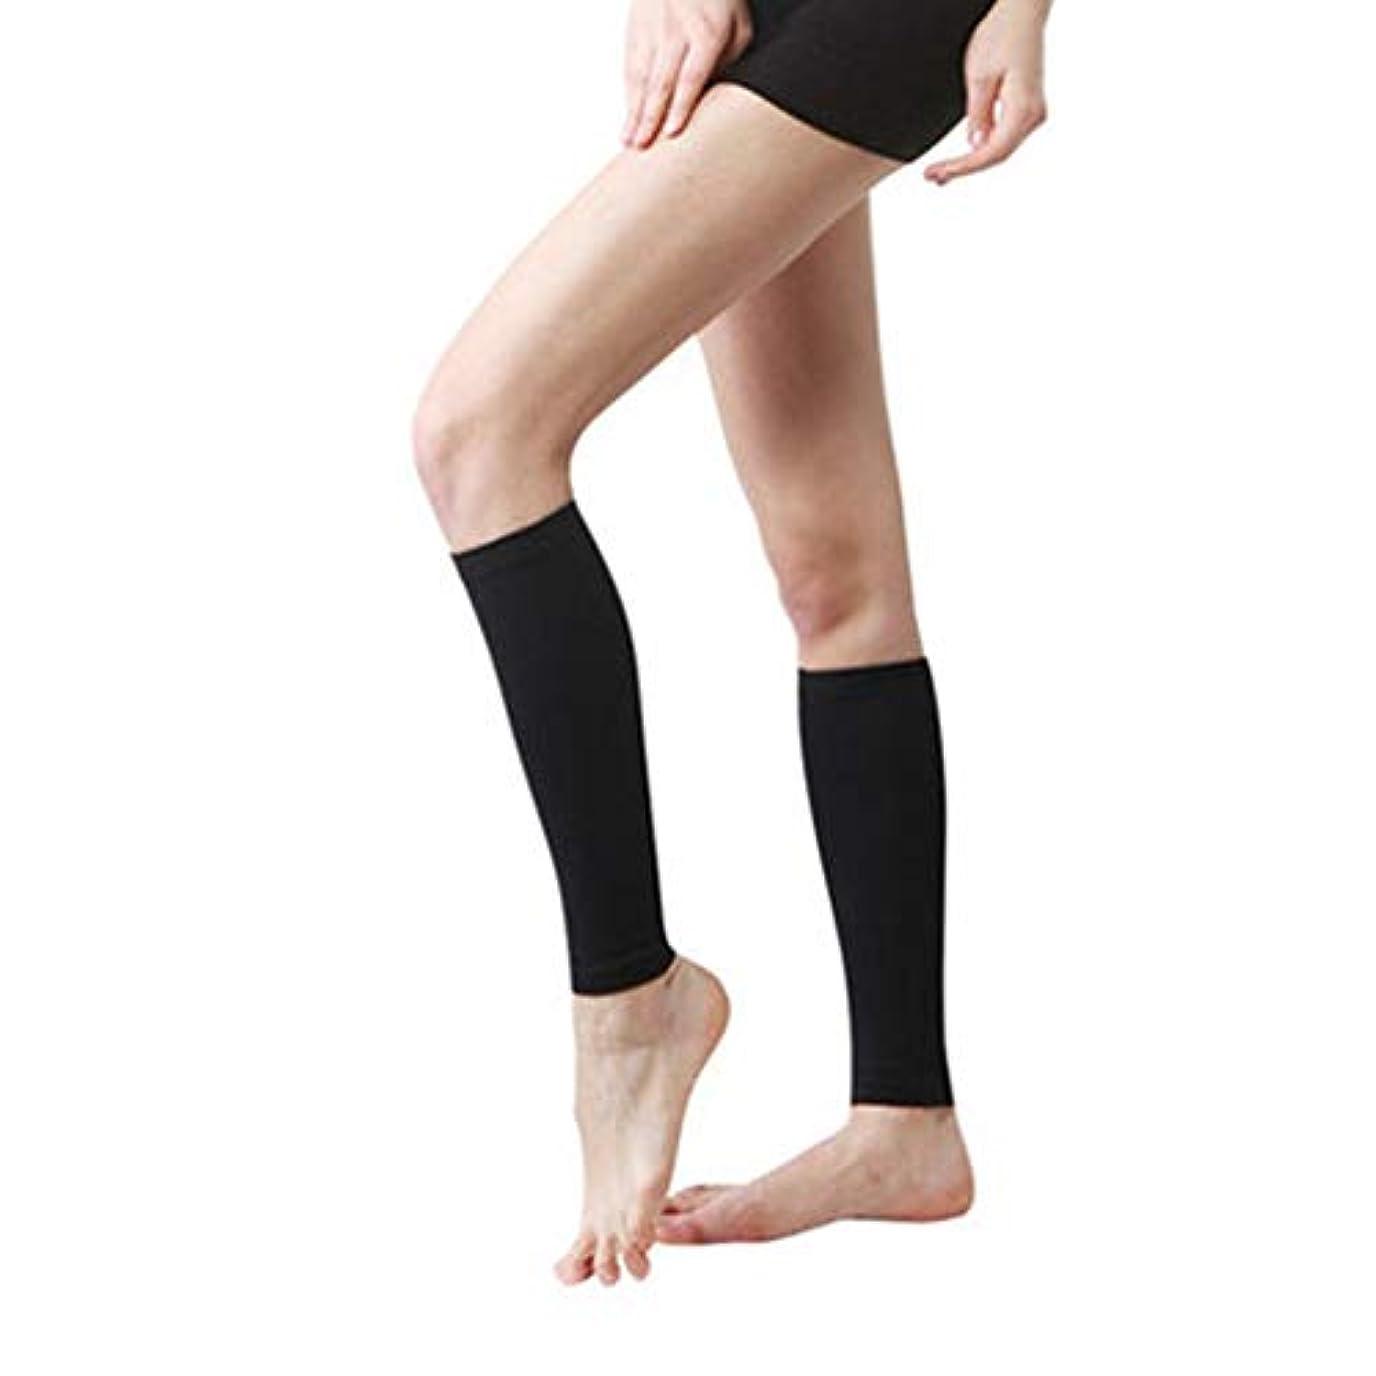 サバントヒューマニスティック絶妙丈夫な男性女性プロの圧縮靴下通気性のある旅行活動看護師用シンススプリントフライトトラベル - ブラック